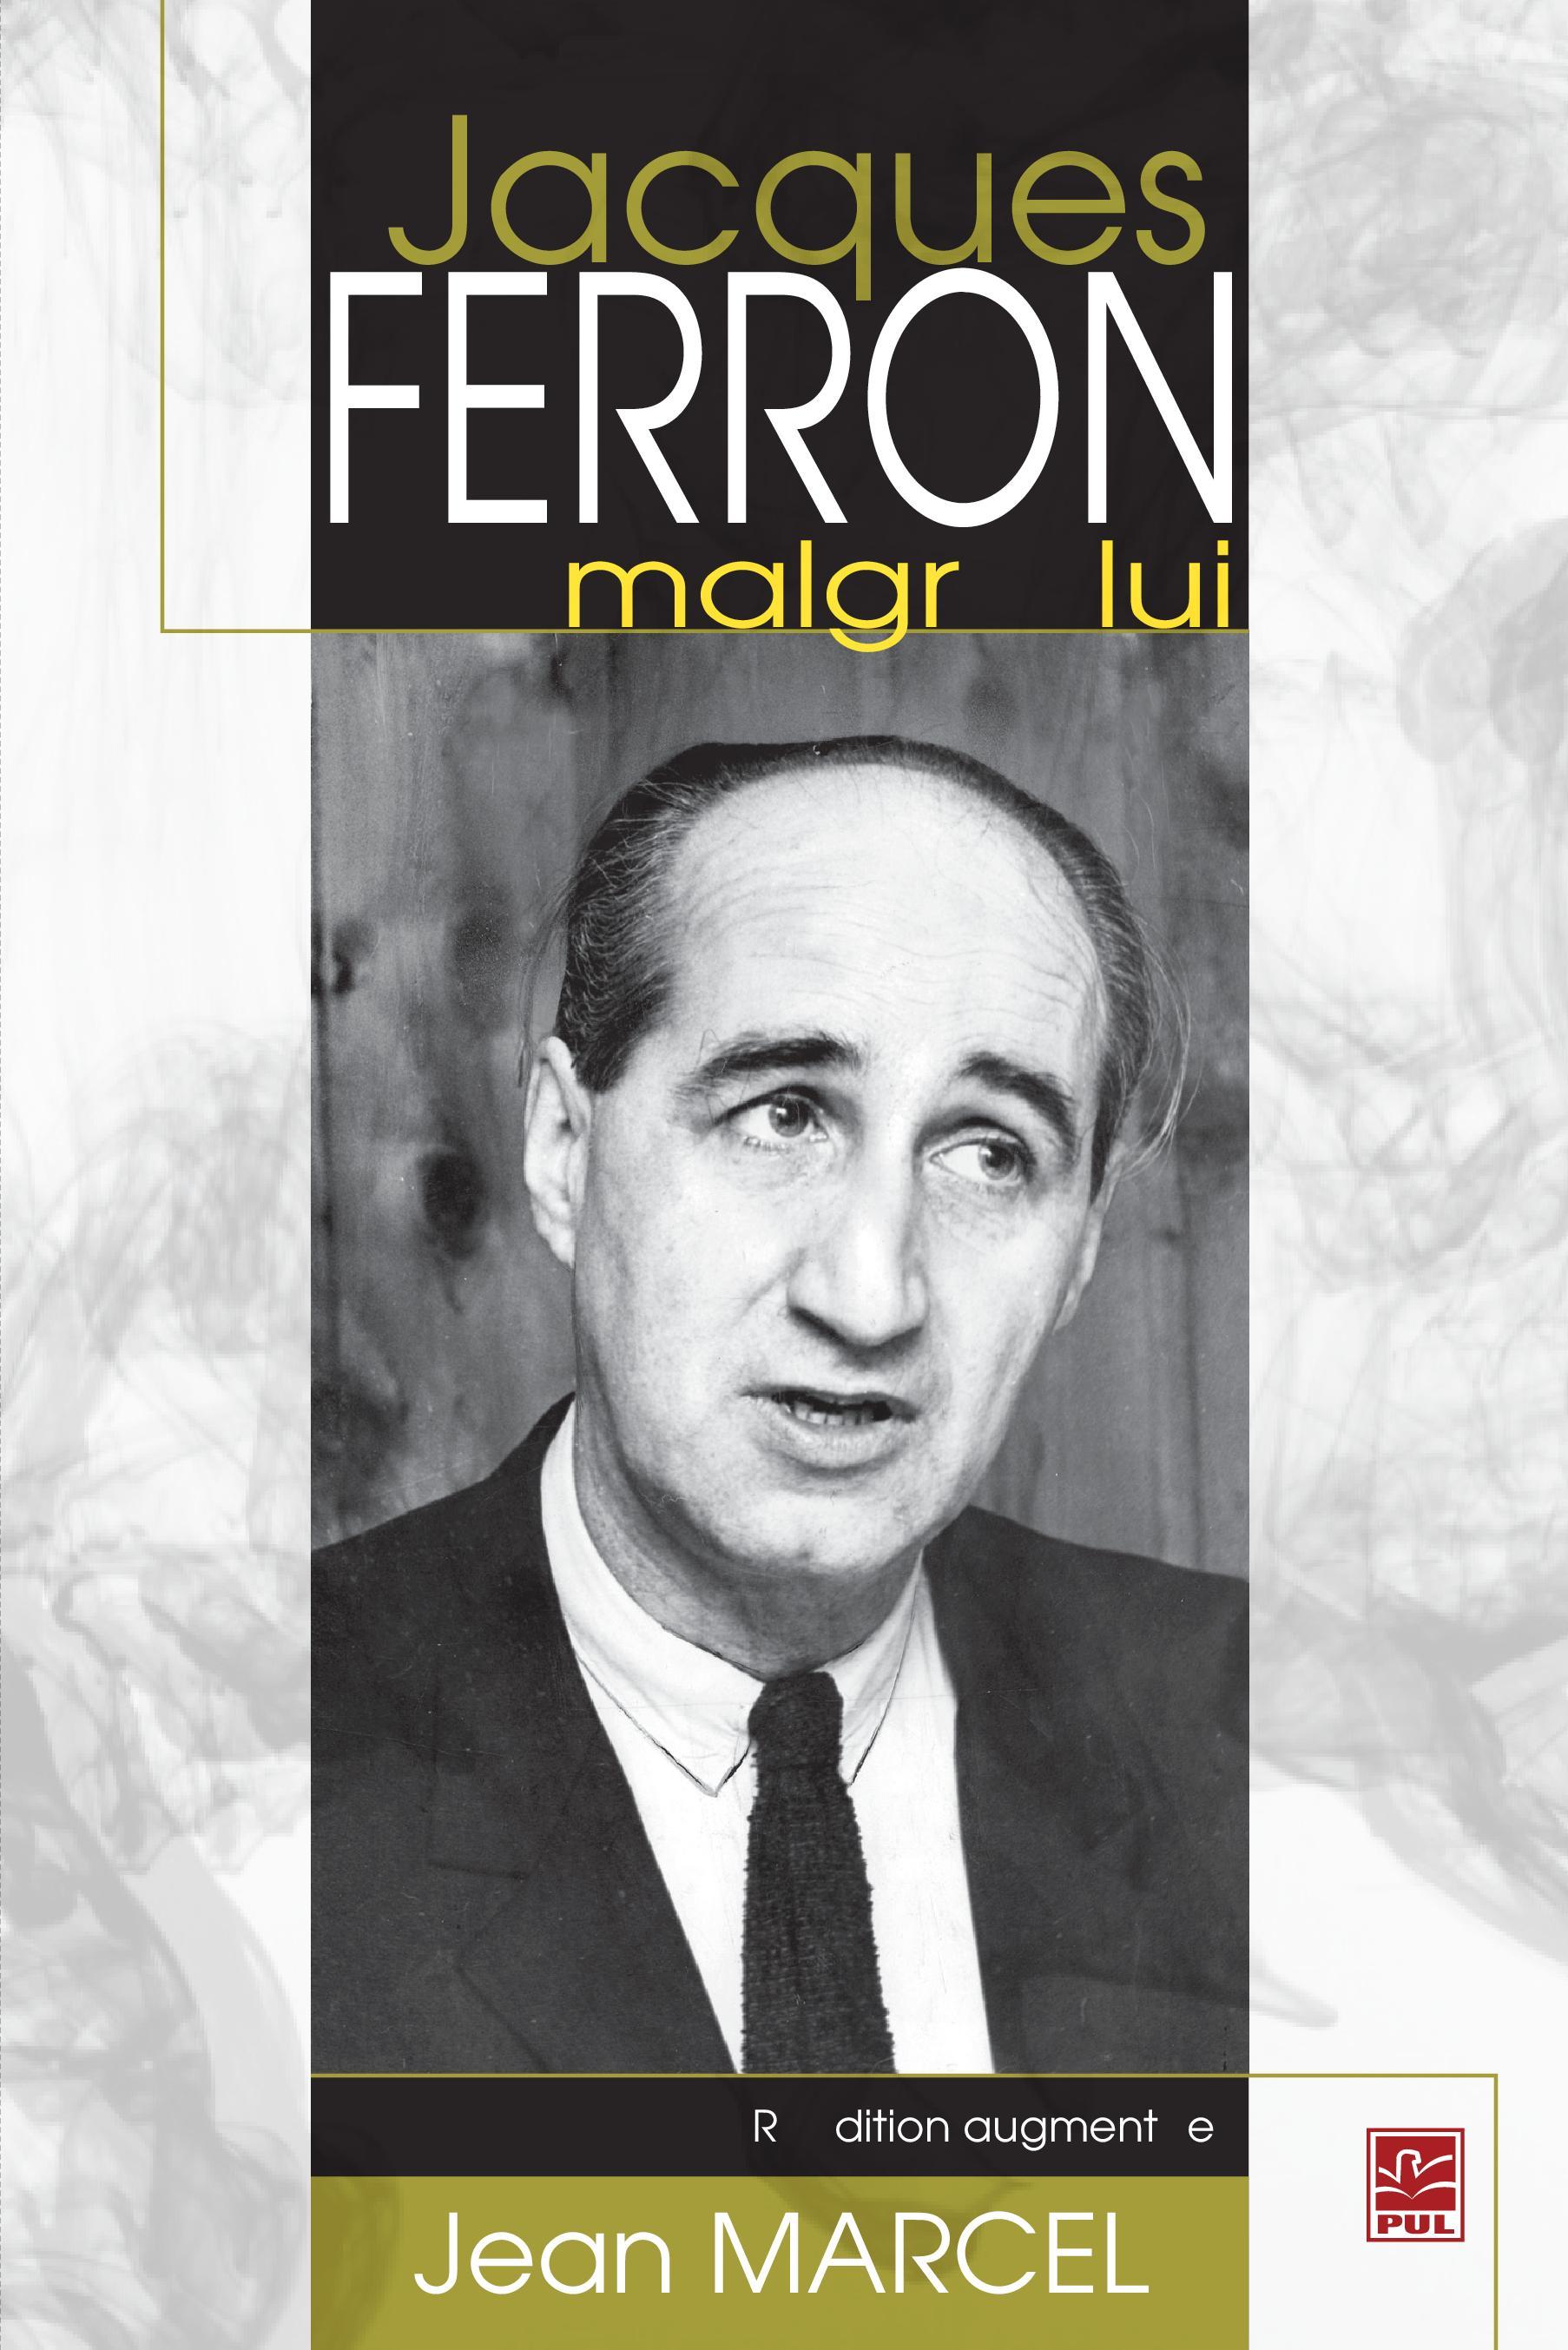 Jacques Ferron marlgré lui N.E